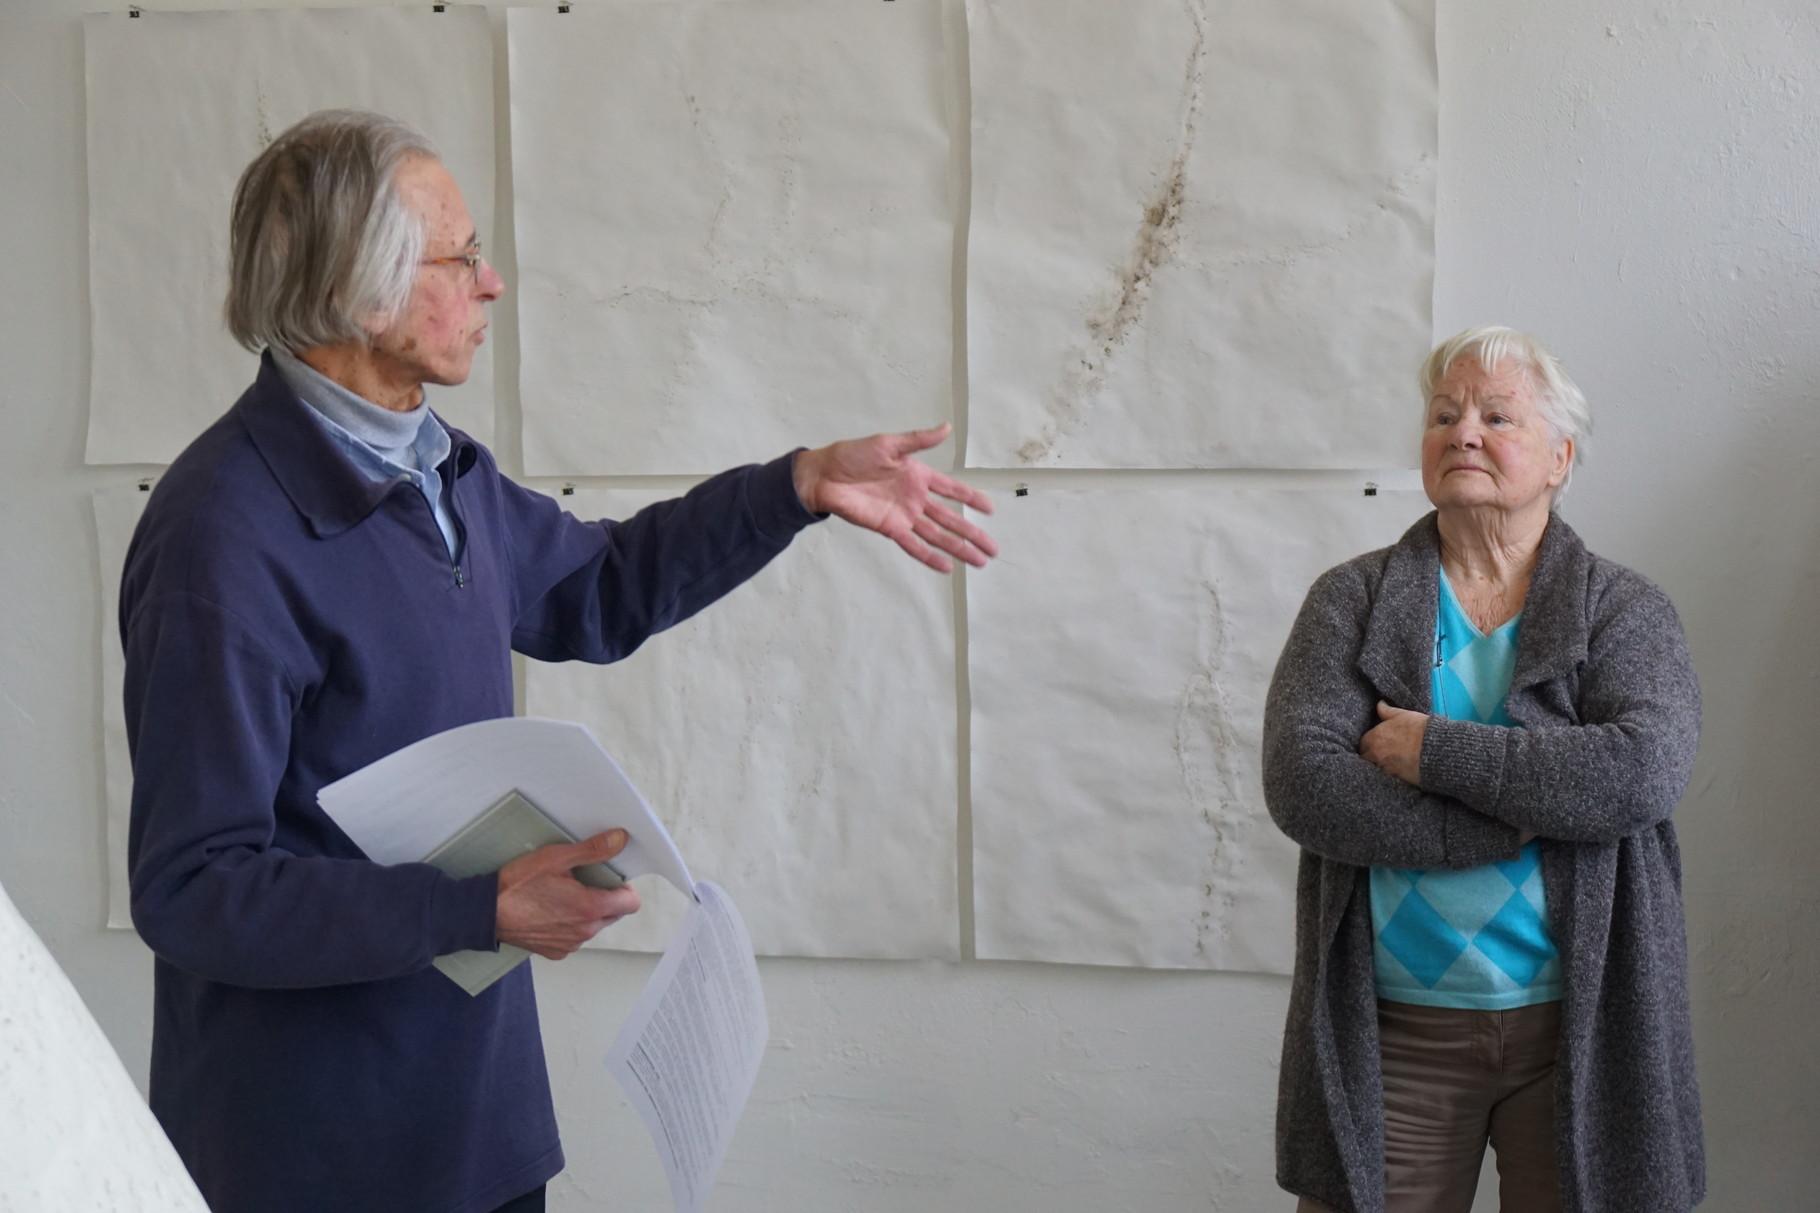 Luitgard Nolte vom Besuch des Kunstverein RE